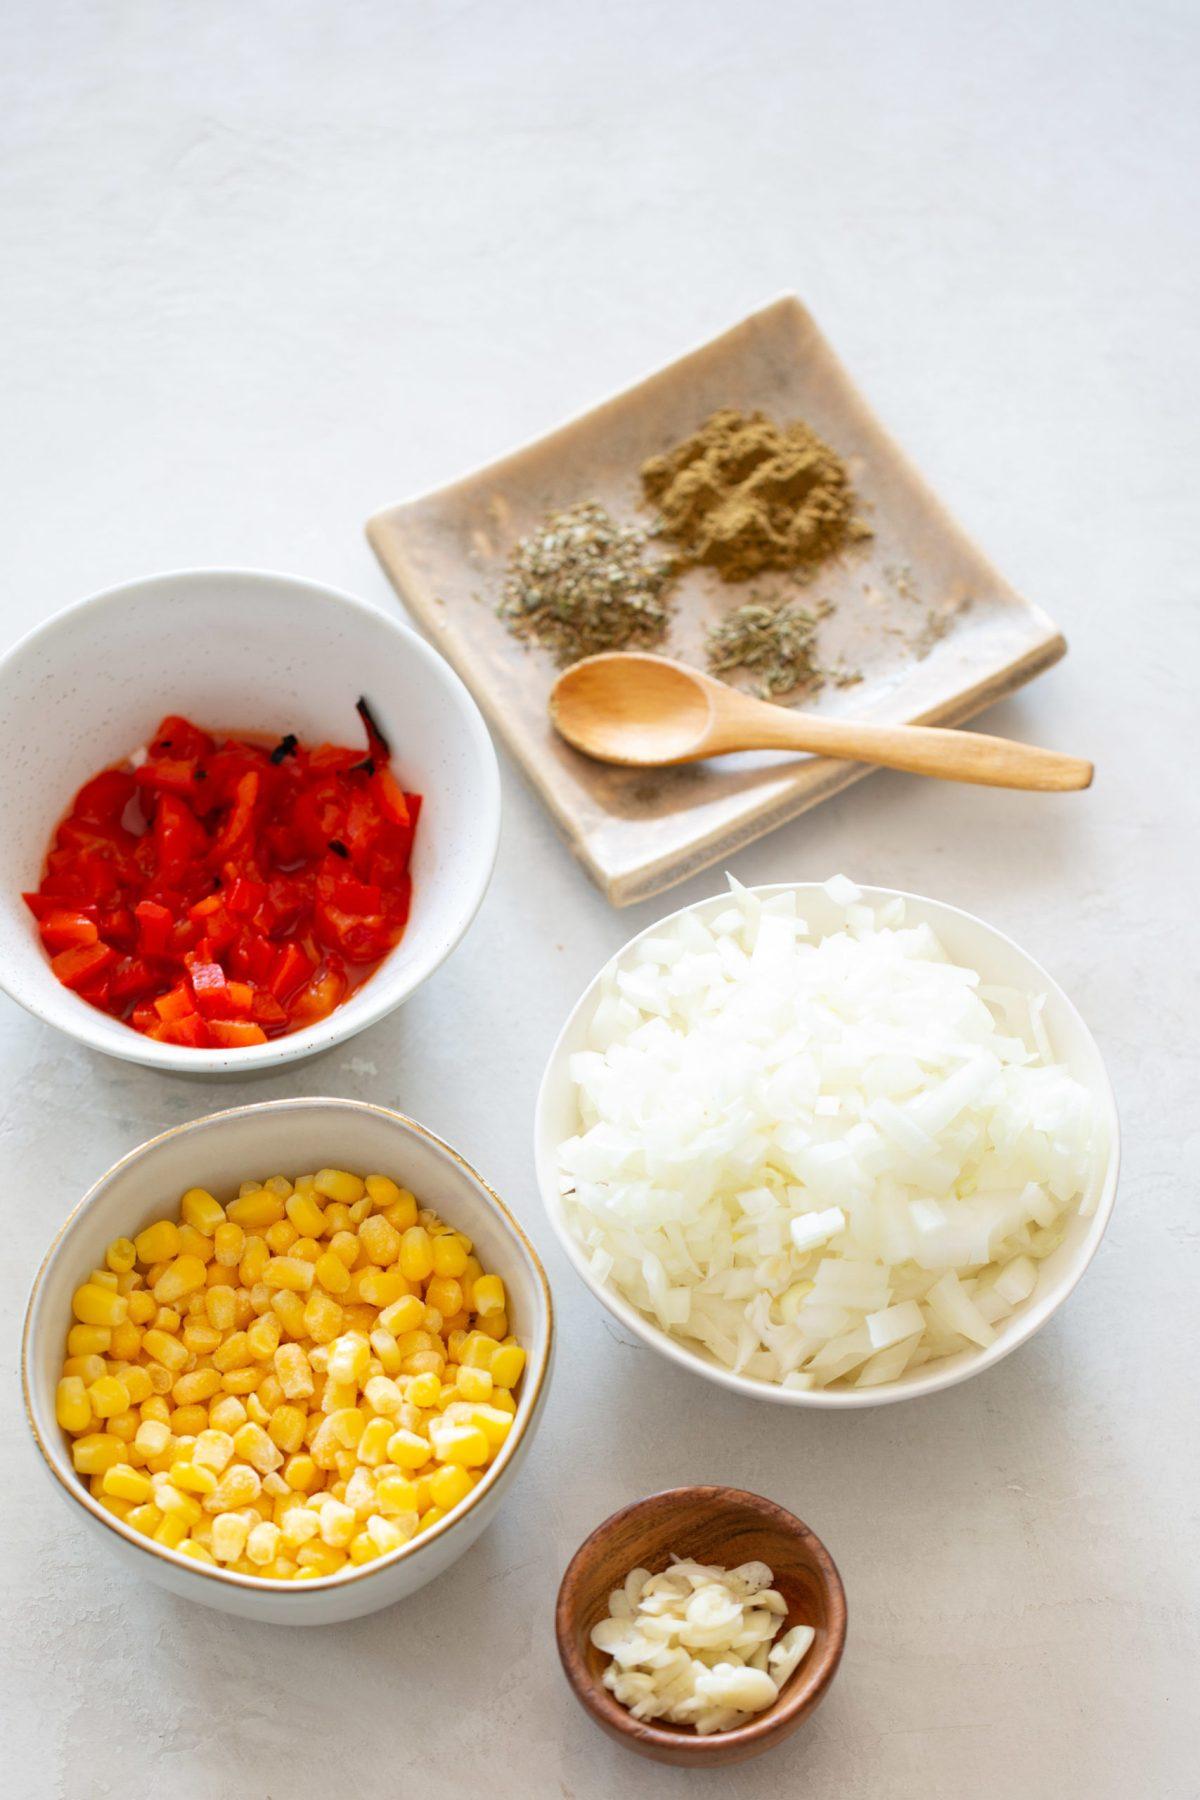 ingredientes y especias para hacer chili